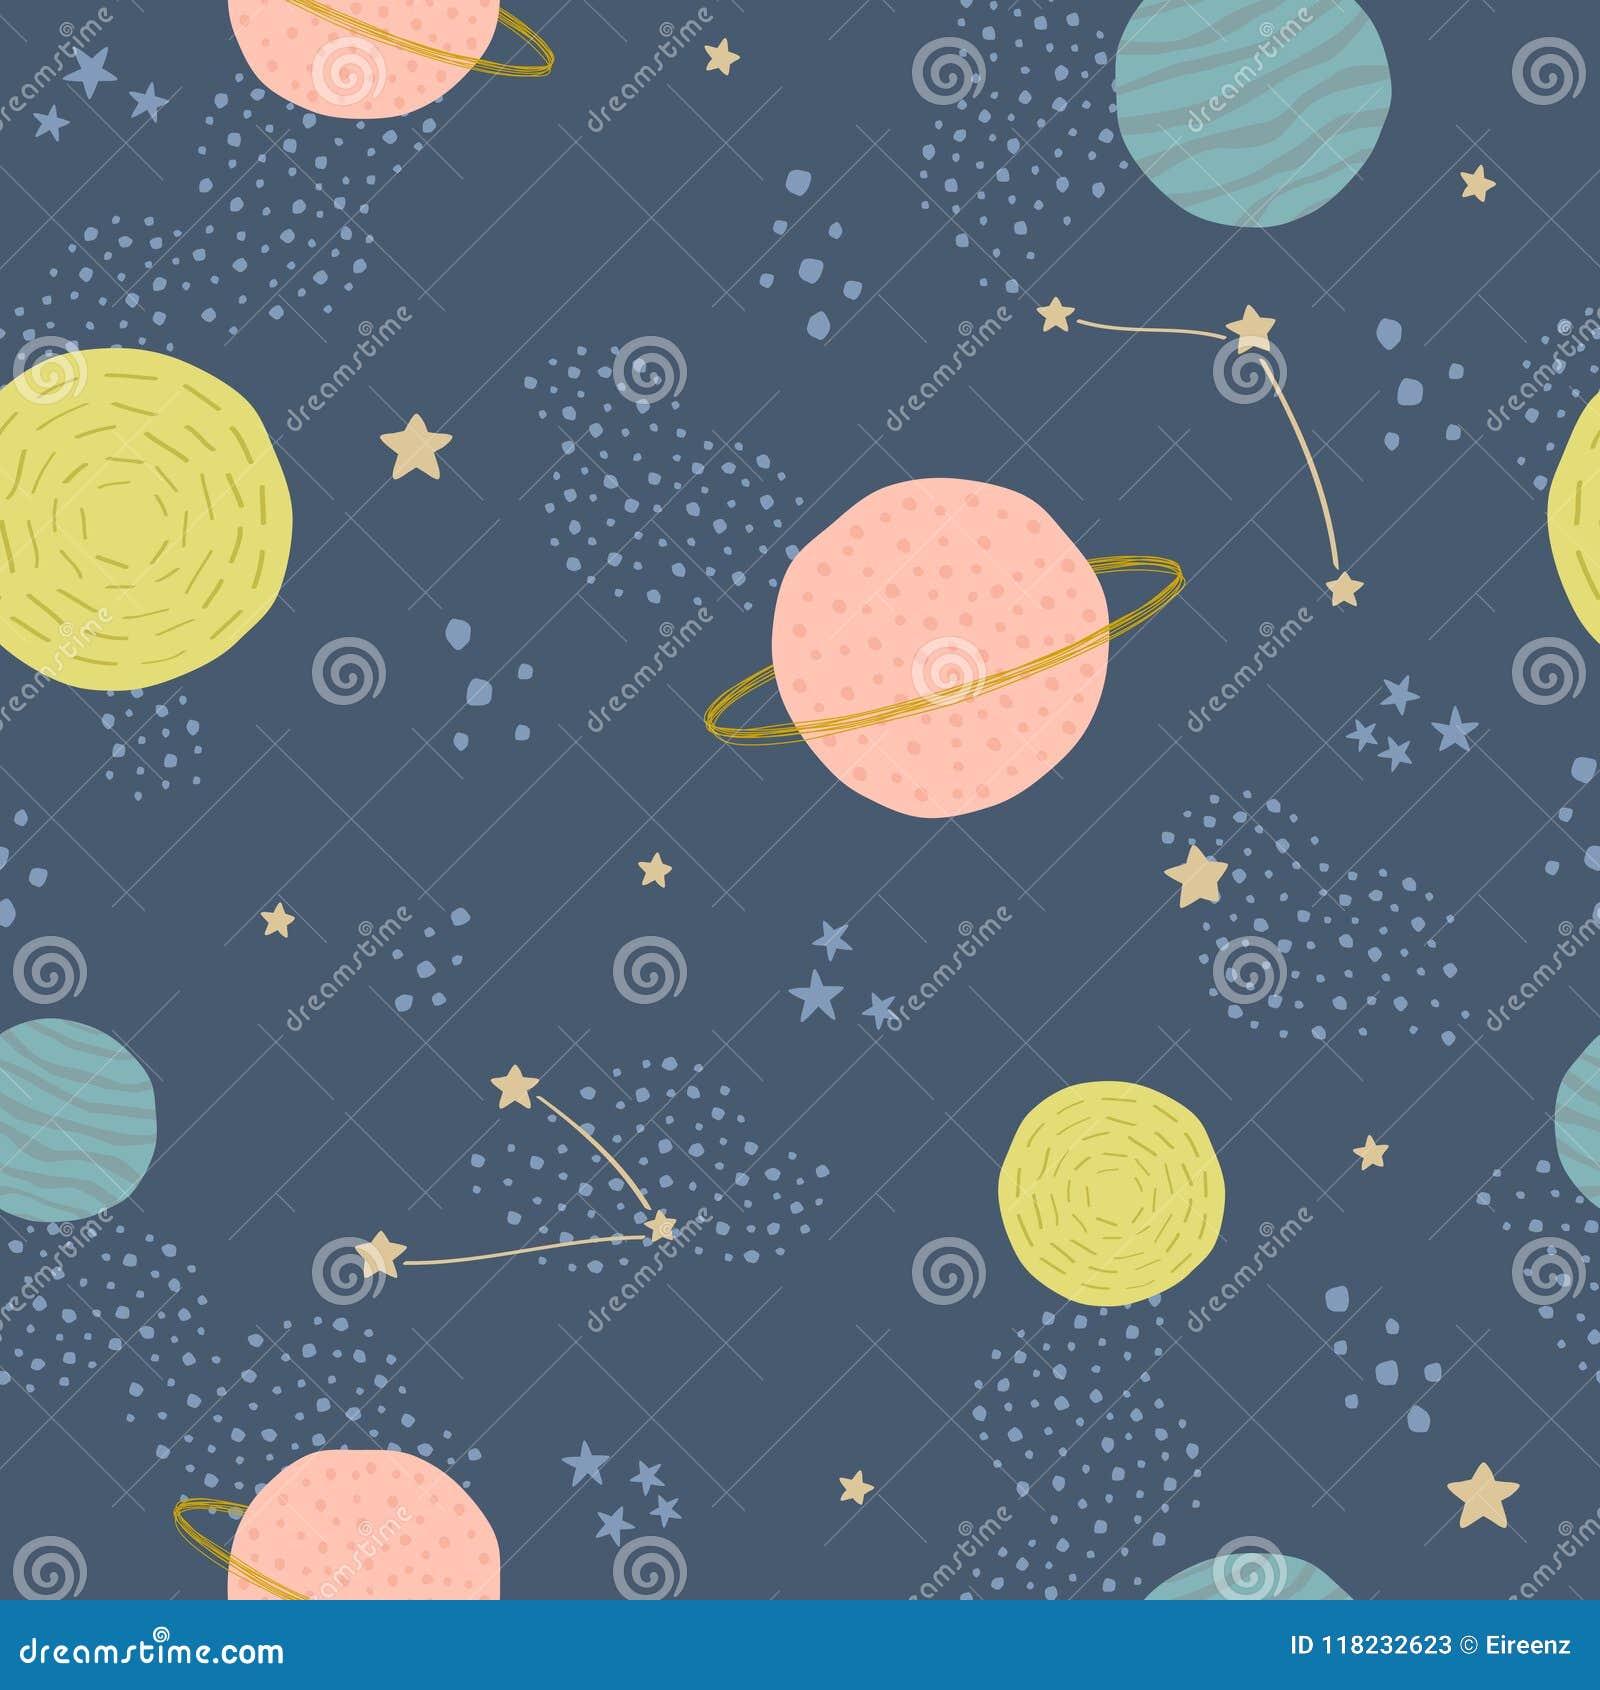 Vector naadloos kinderachtig patroon met ruimteelementen: sterren, planeten, asteroïden